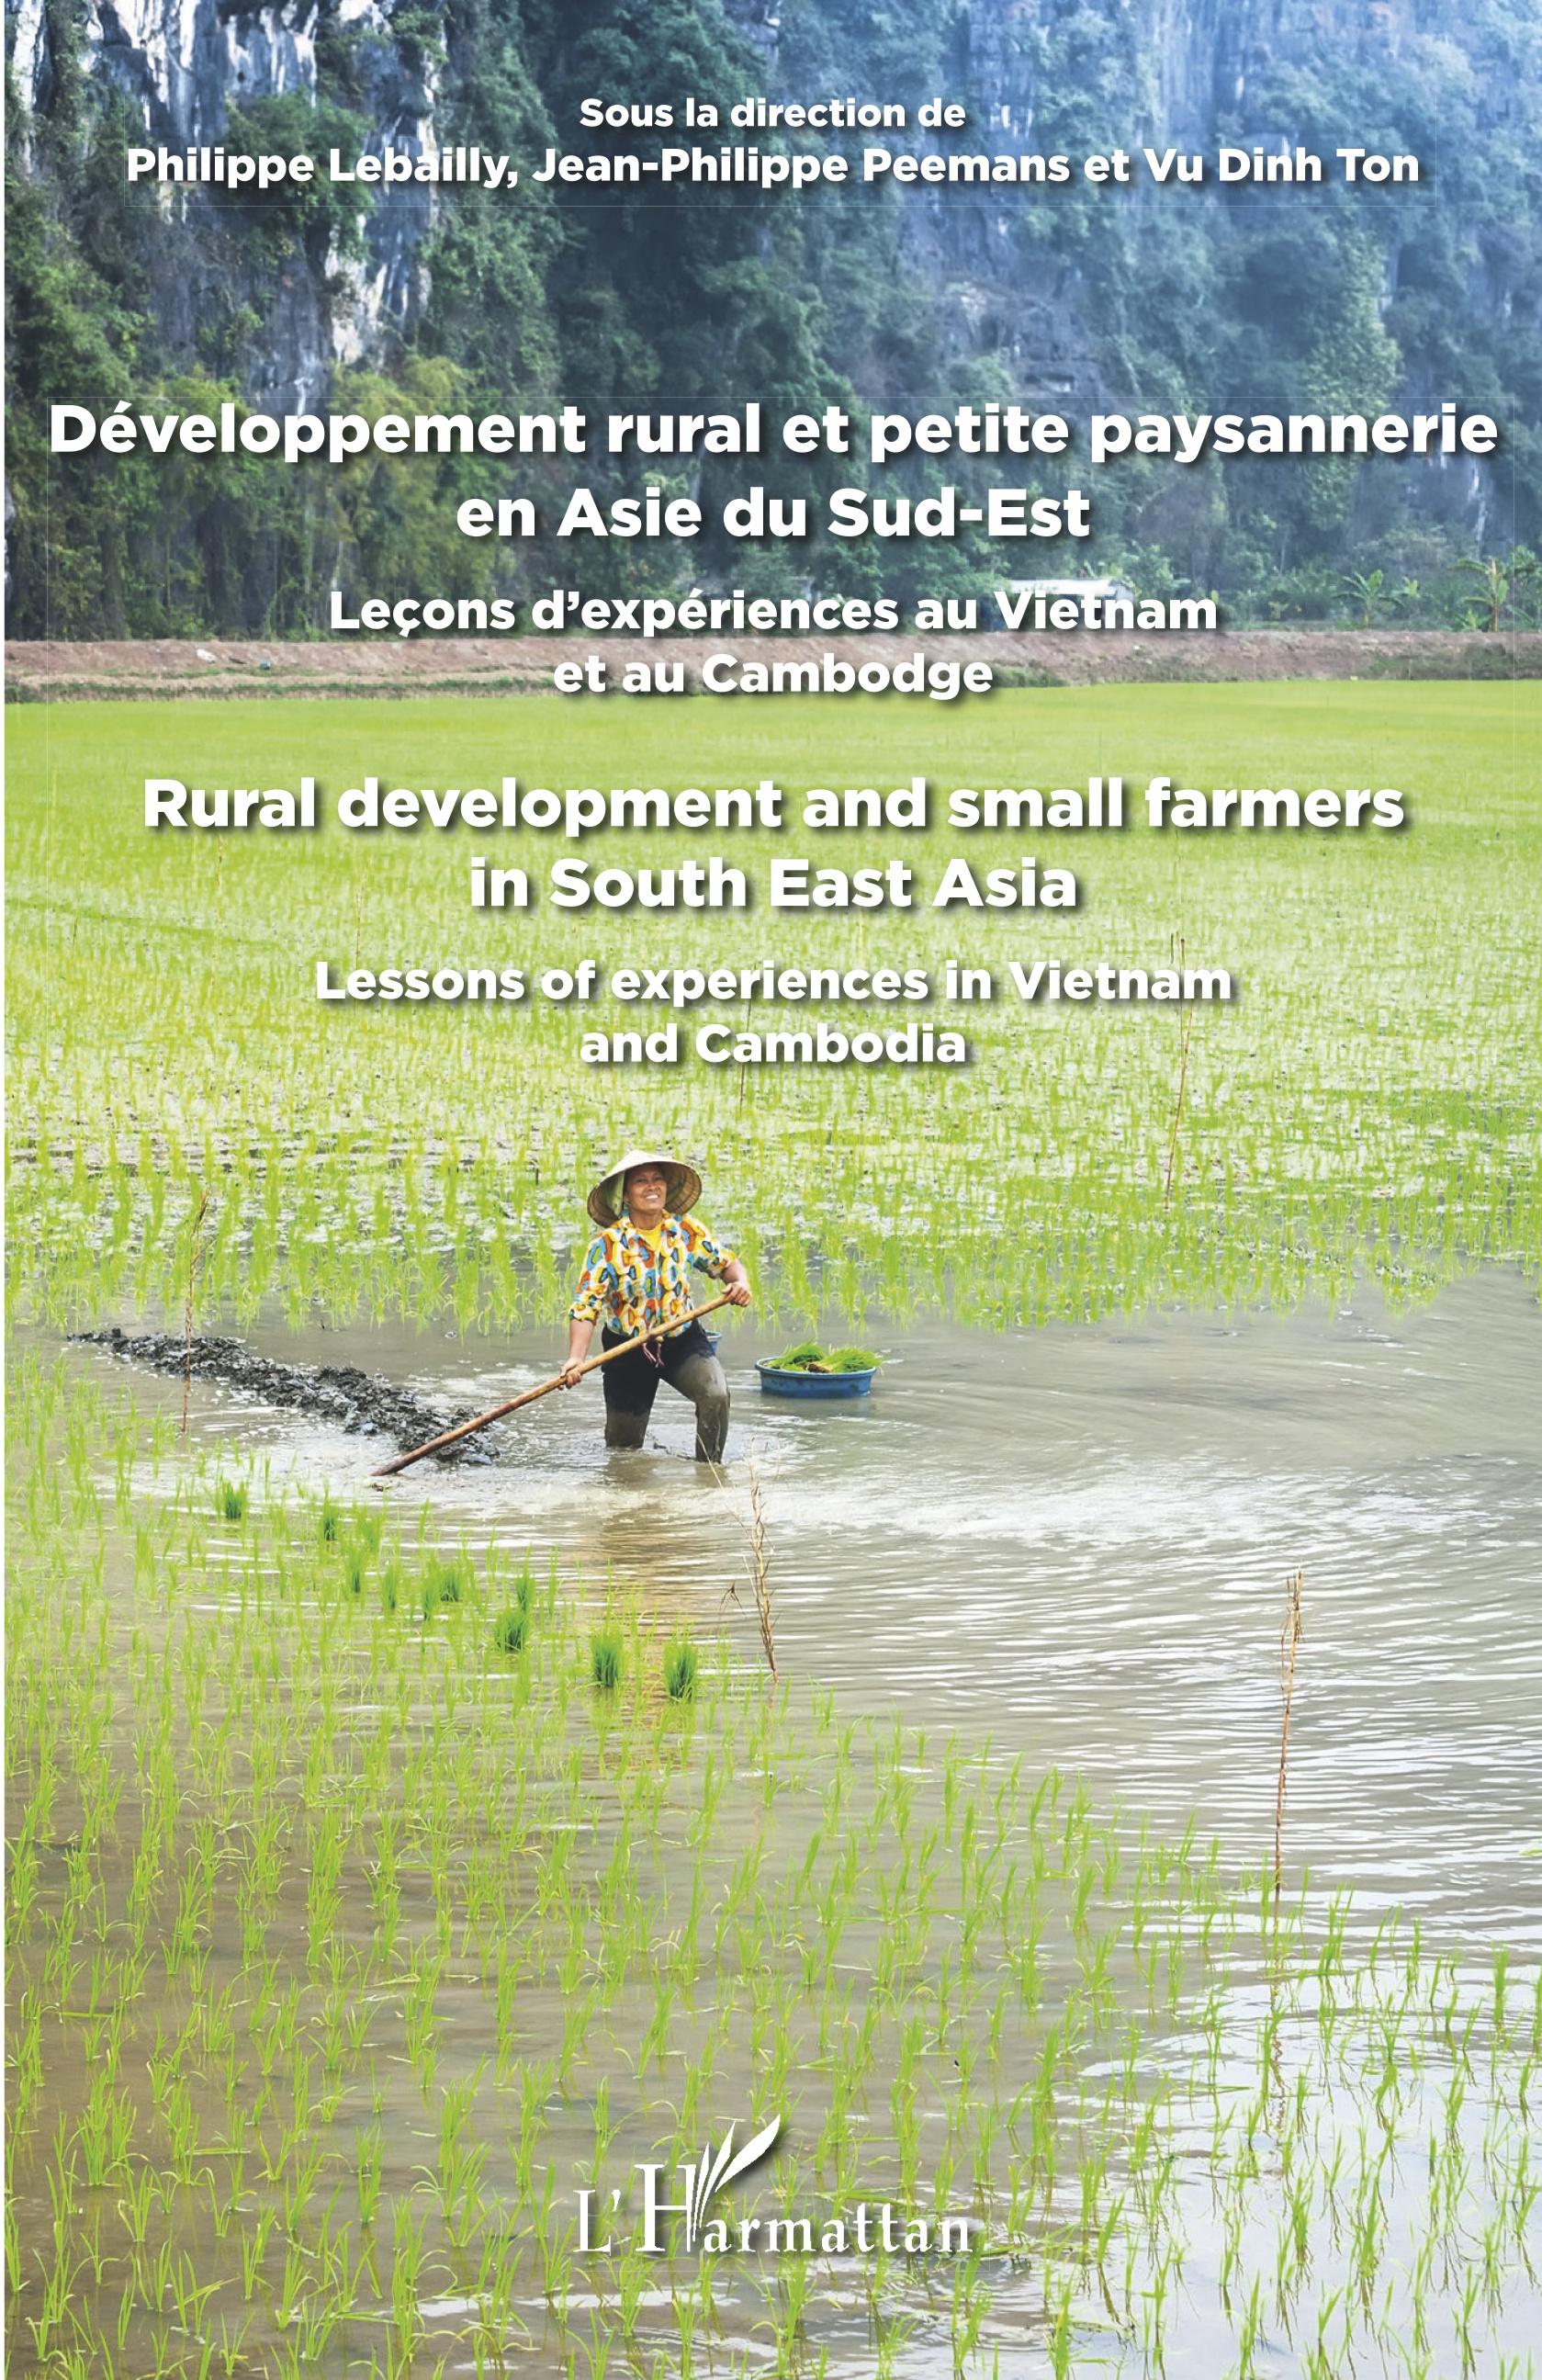 Développement rural et petite paysannerie en asie du sud est